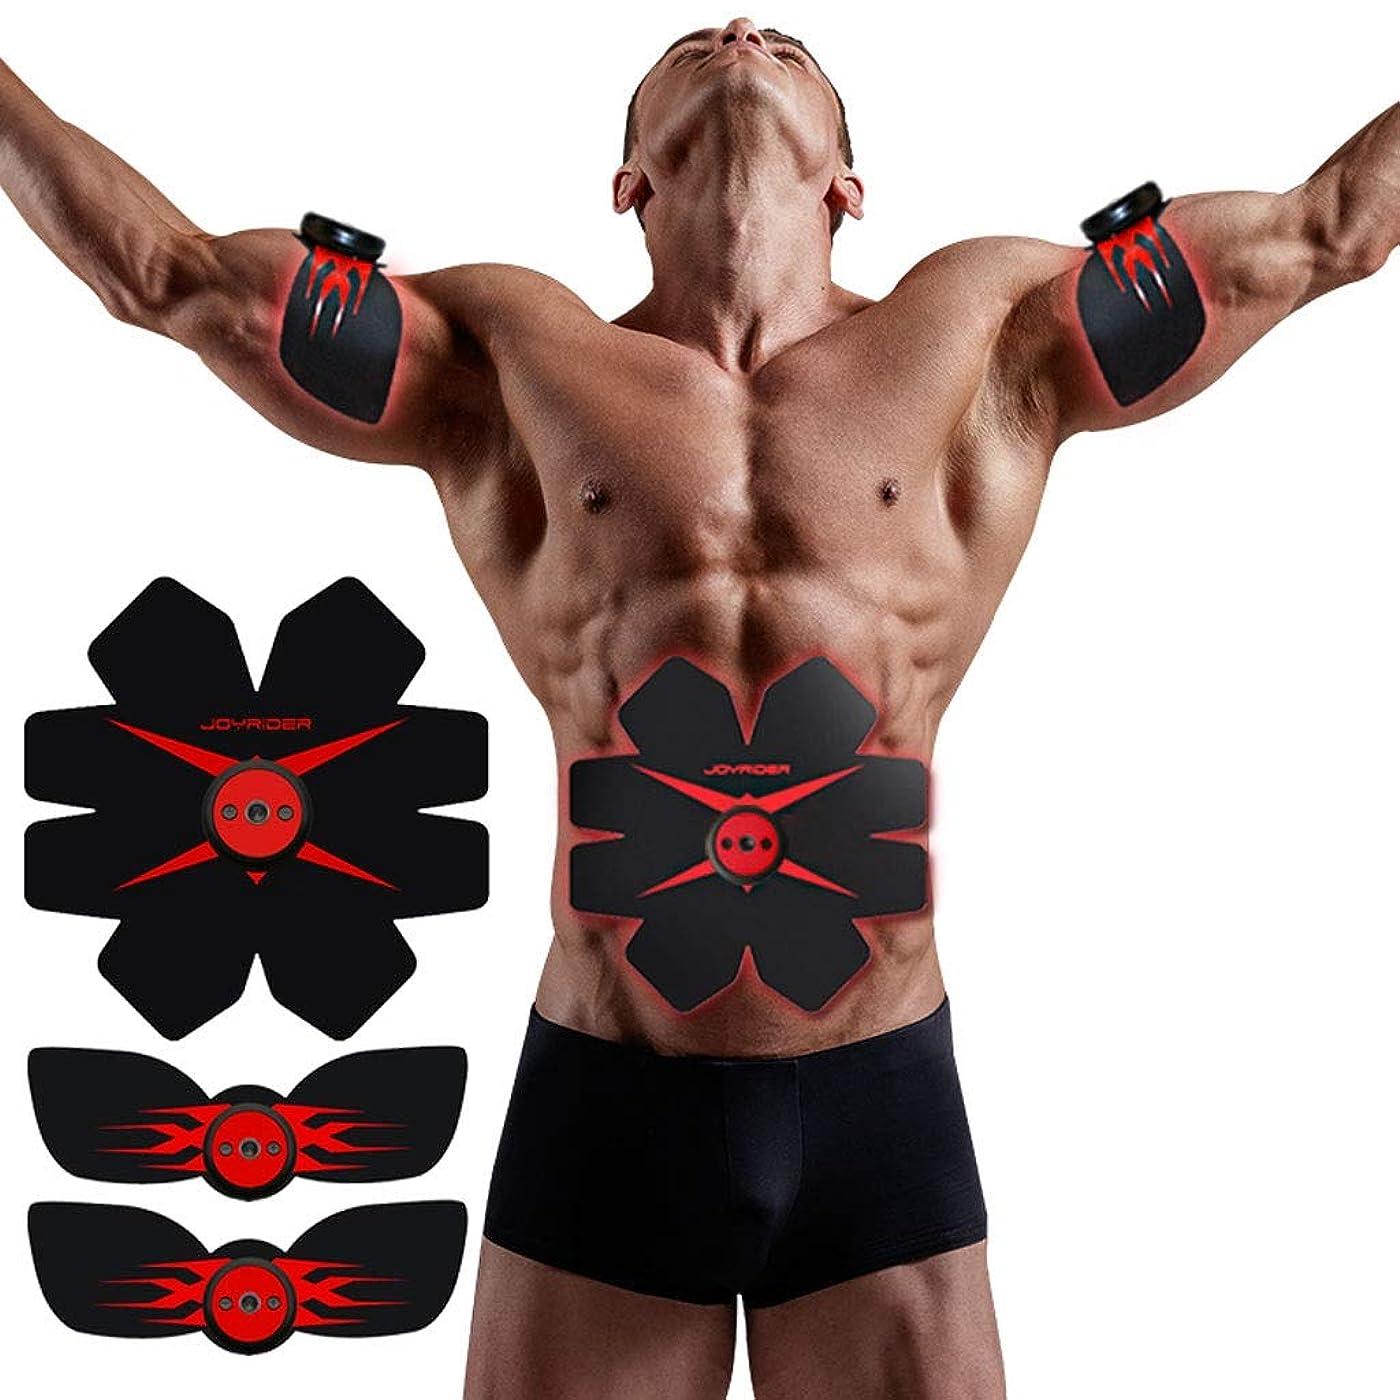 めんどりルーチン速記EMS AbsトレーナーAbベルト、腹部調色ベルト、腹筋刺激装置、ABSマシンAbベルト調色ジムワークアウトマシン用男性&女性